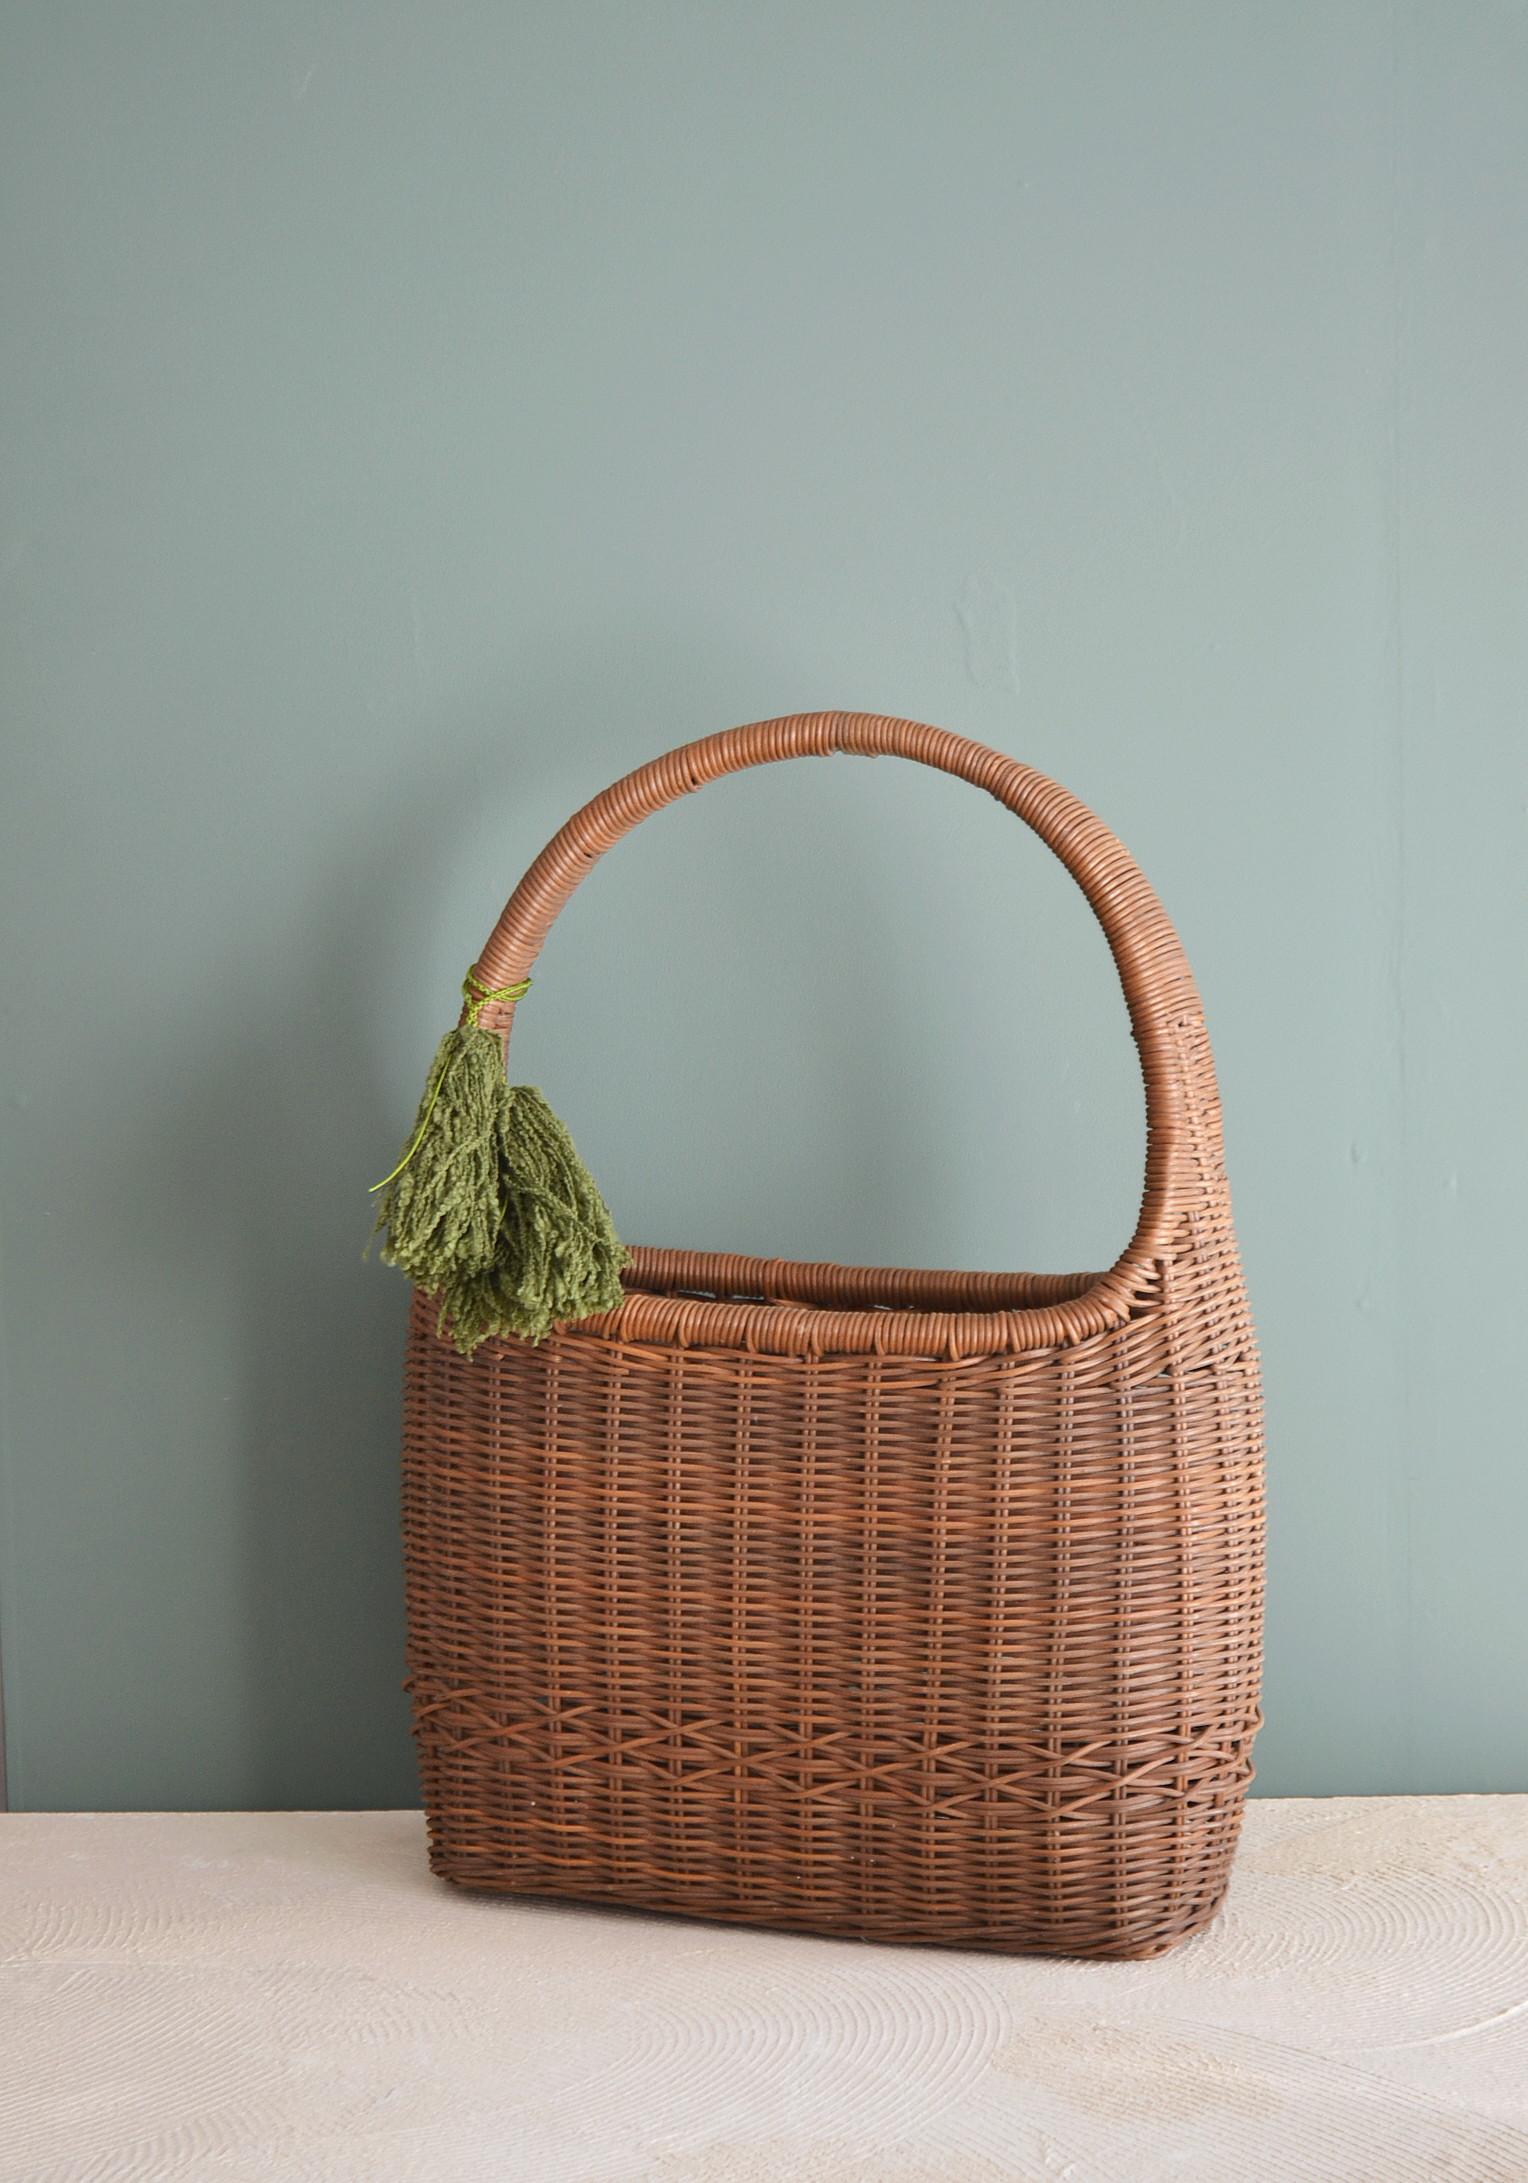 籠 バッグ タッセル付き 籐のバッグ 昭和レトロ